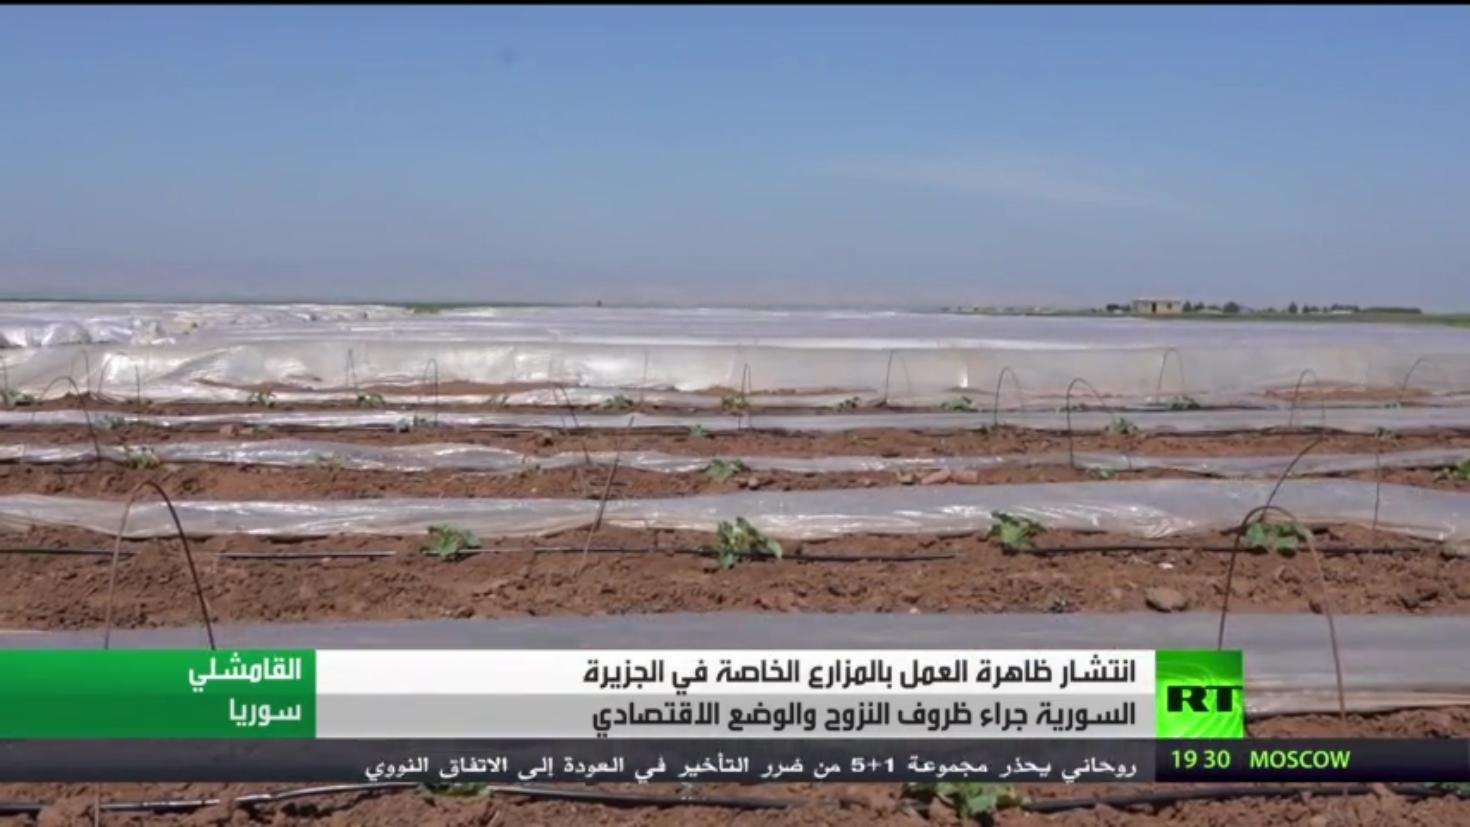 ظاهرة العمل بالمزارع الخاصة بالجزيرة السورية